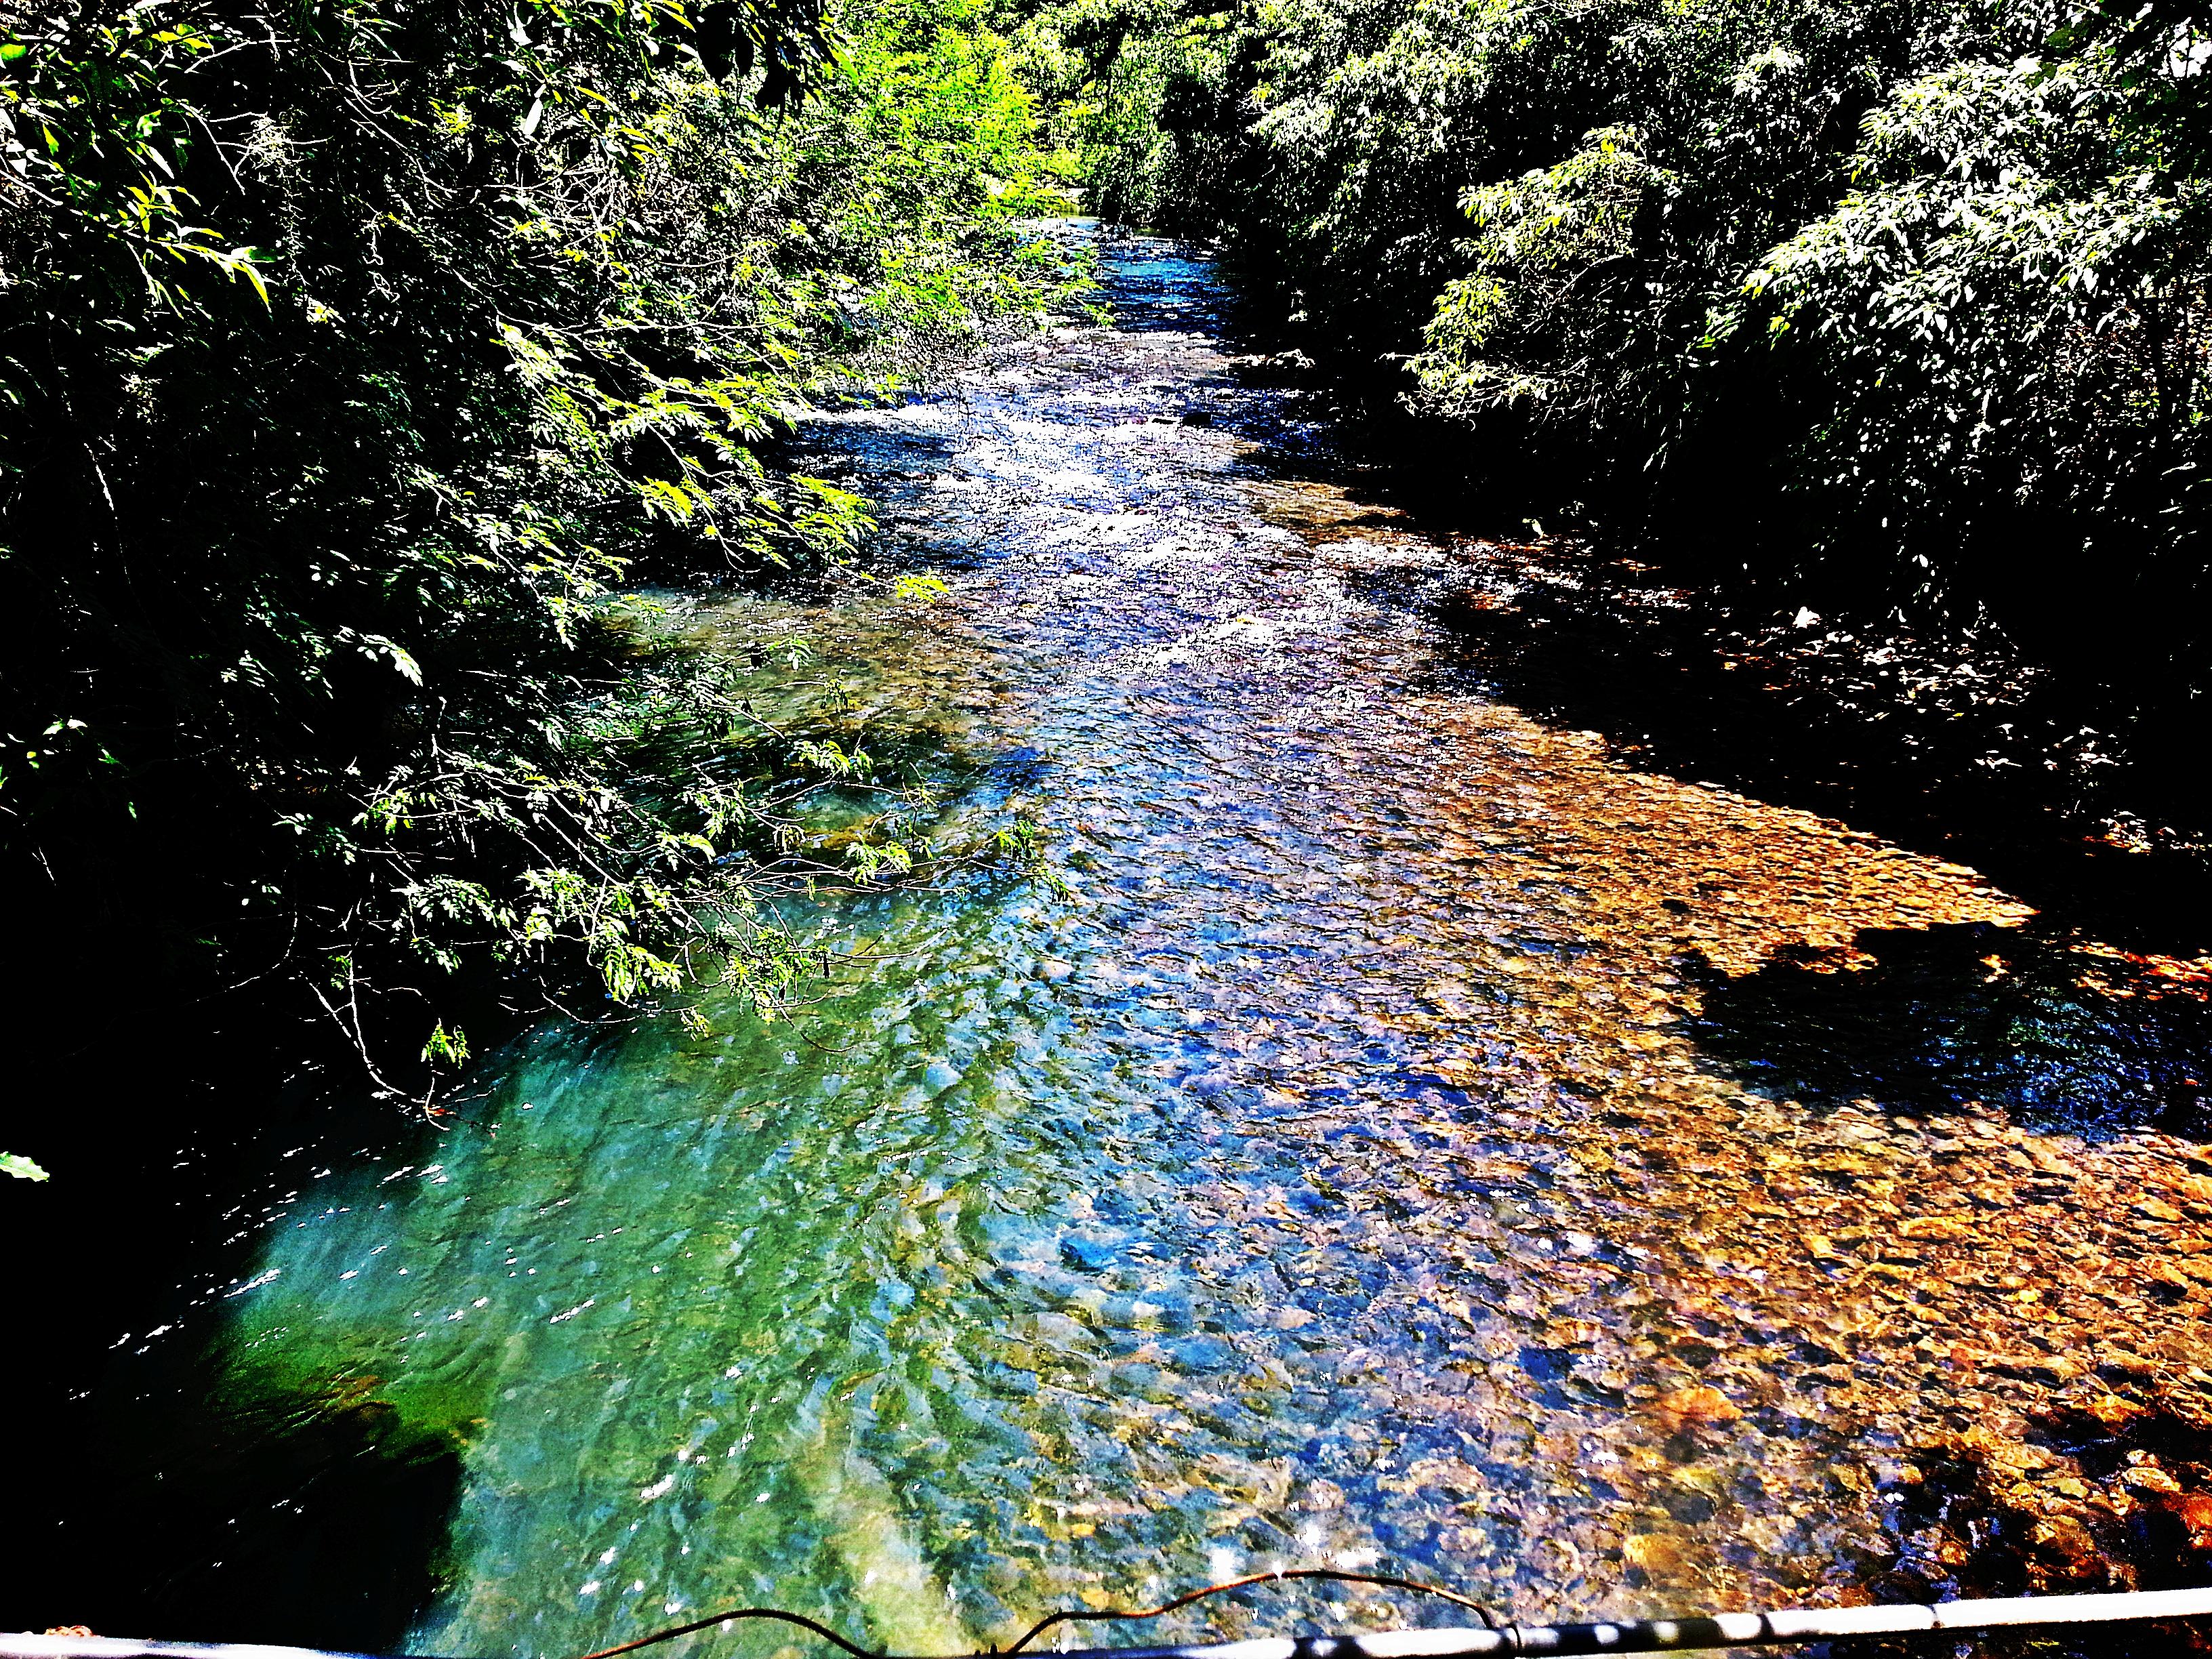 Três Cachoeiras Rio Grande do Sul fonte: upload.wikimedia.org